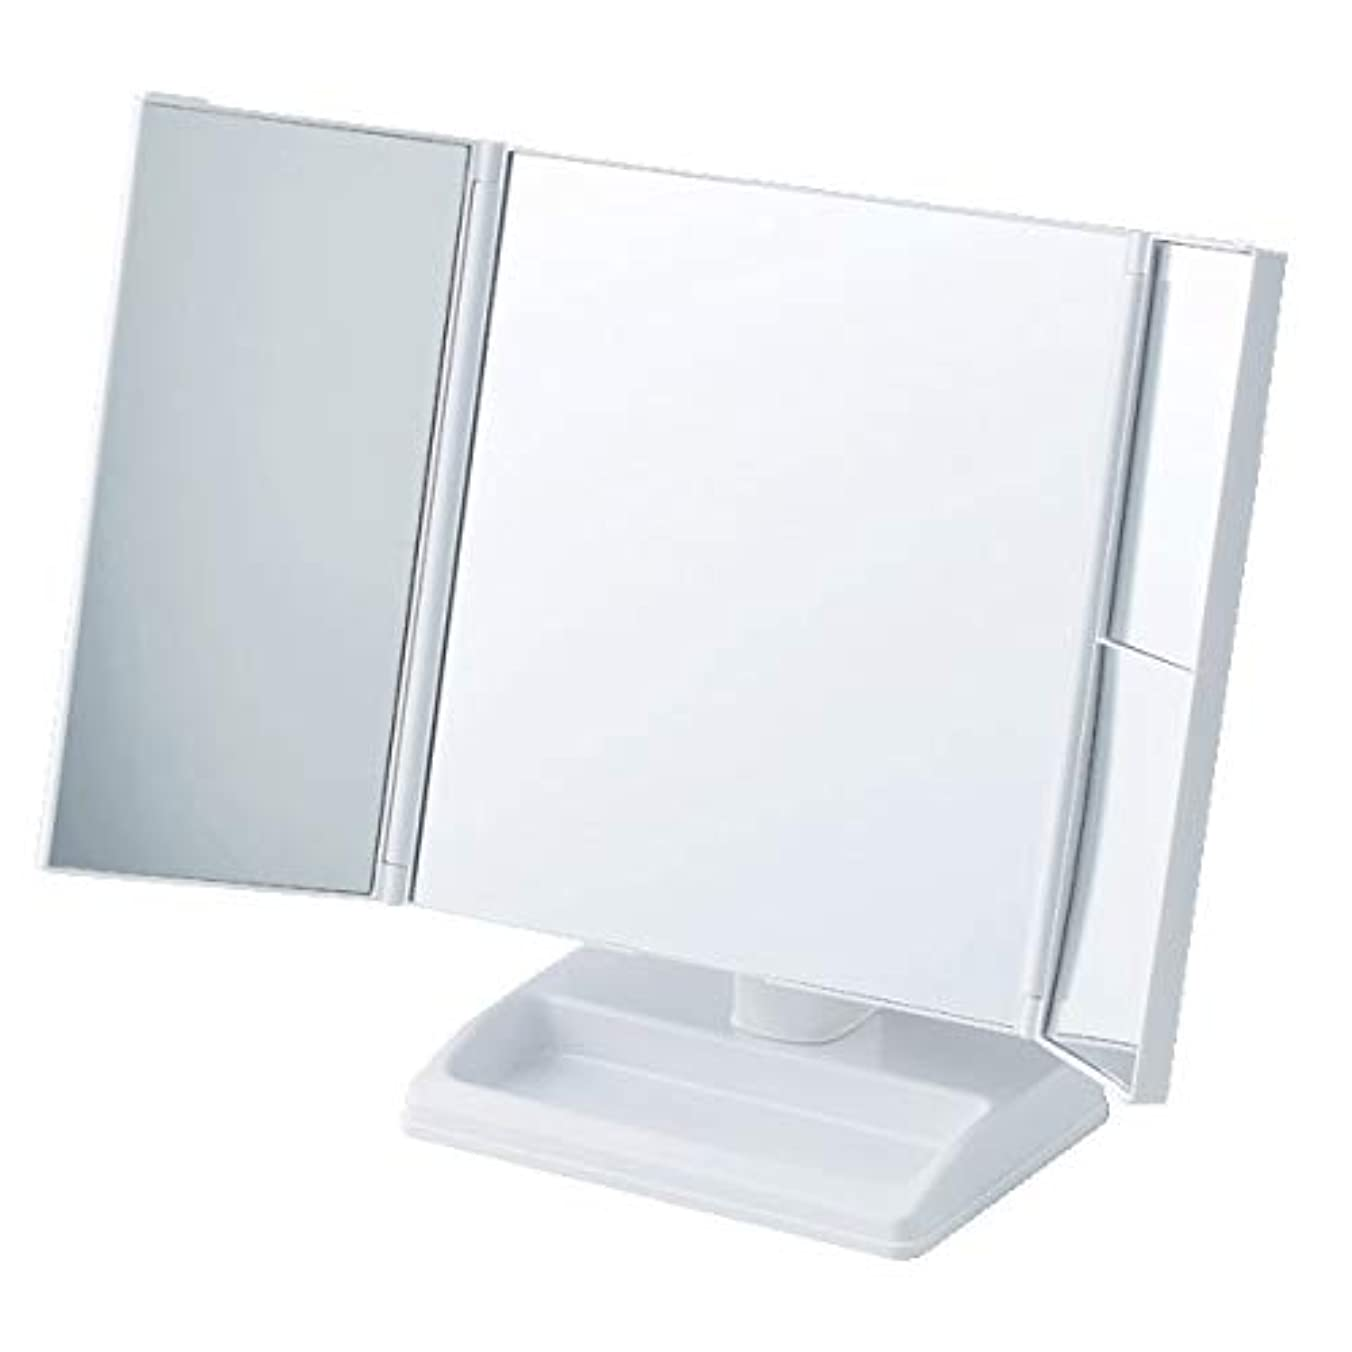 寄託従順パトロールテーブルで使う拡大鏡付三面ミラー